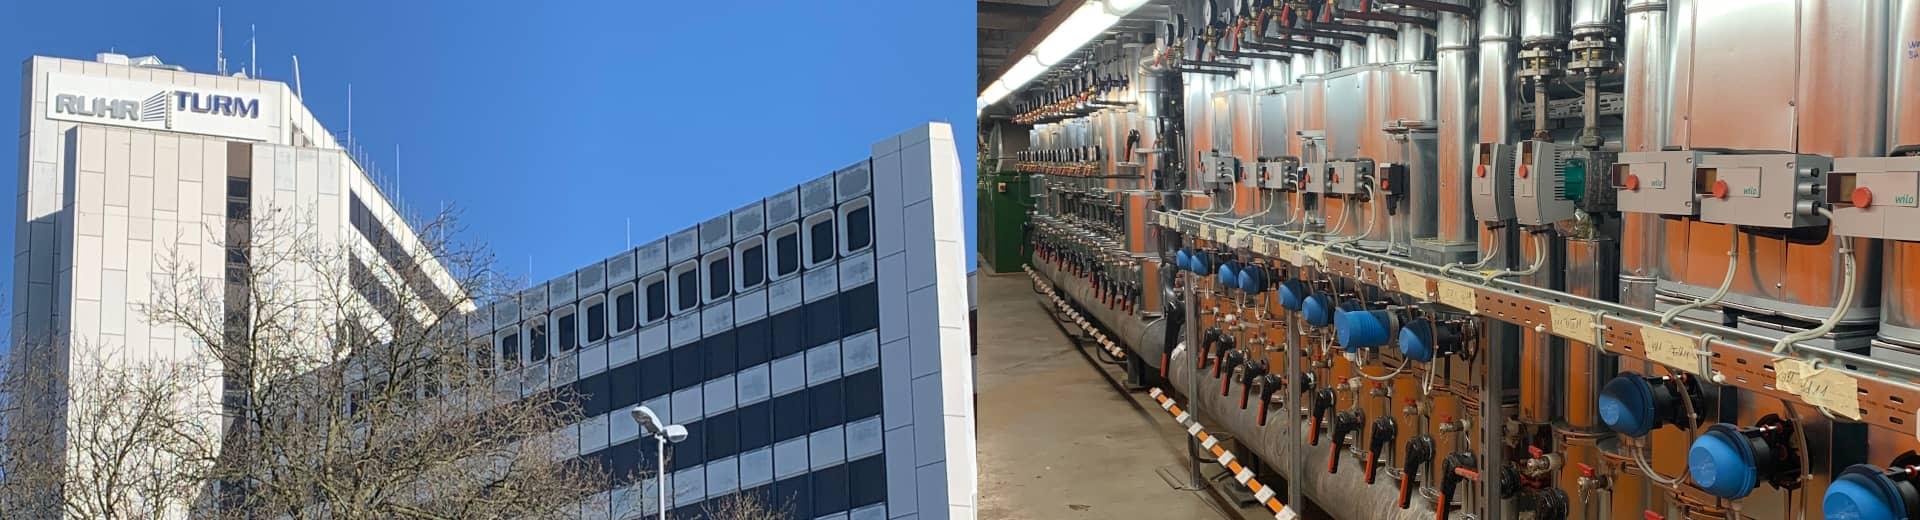 slider_2021_01_Trinkwasserhygienemassnahmen_Ruhrturm_Essen.jpg